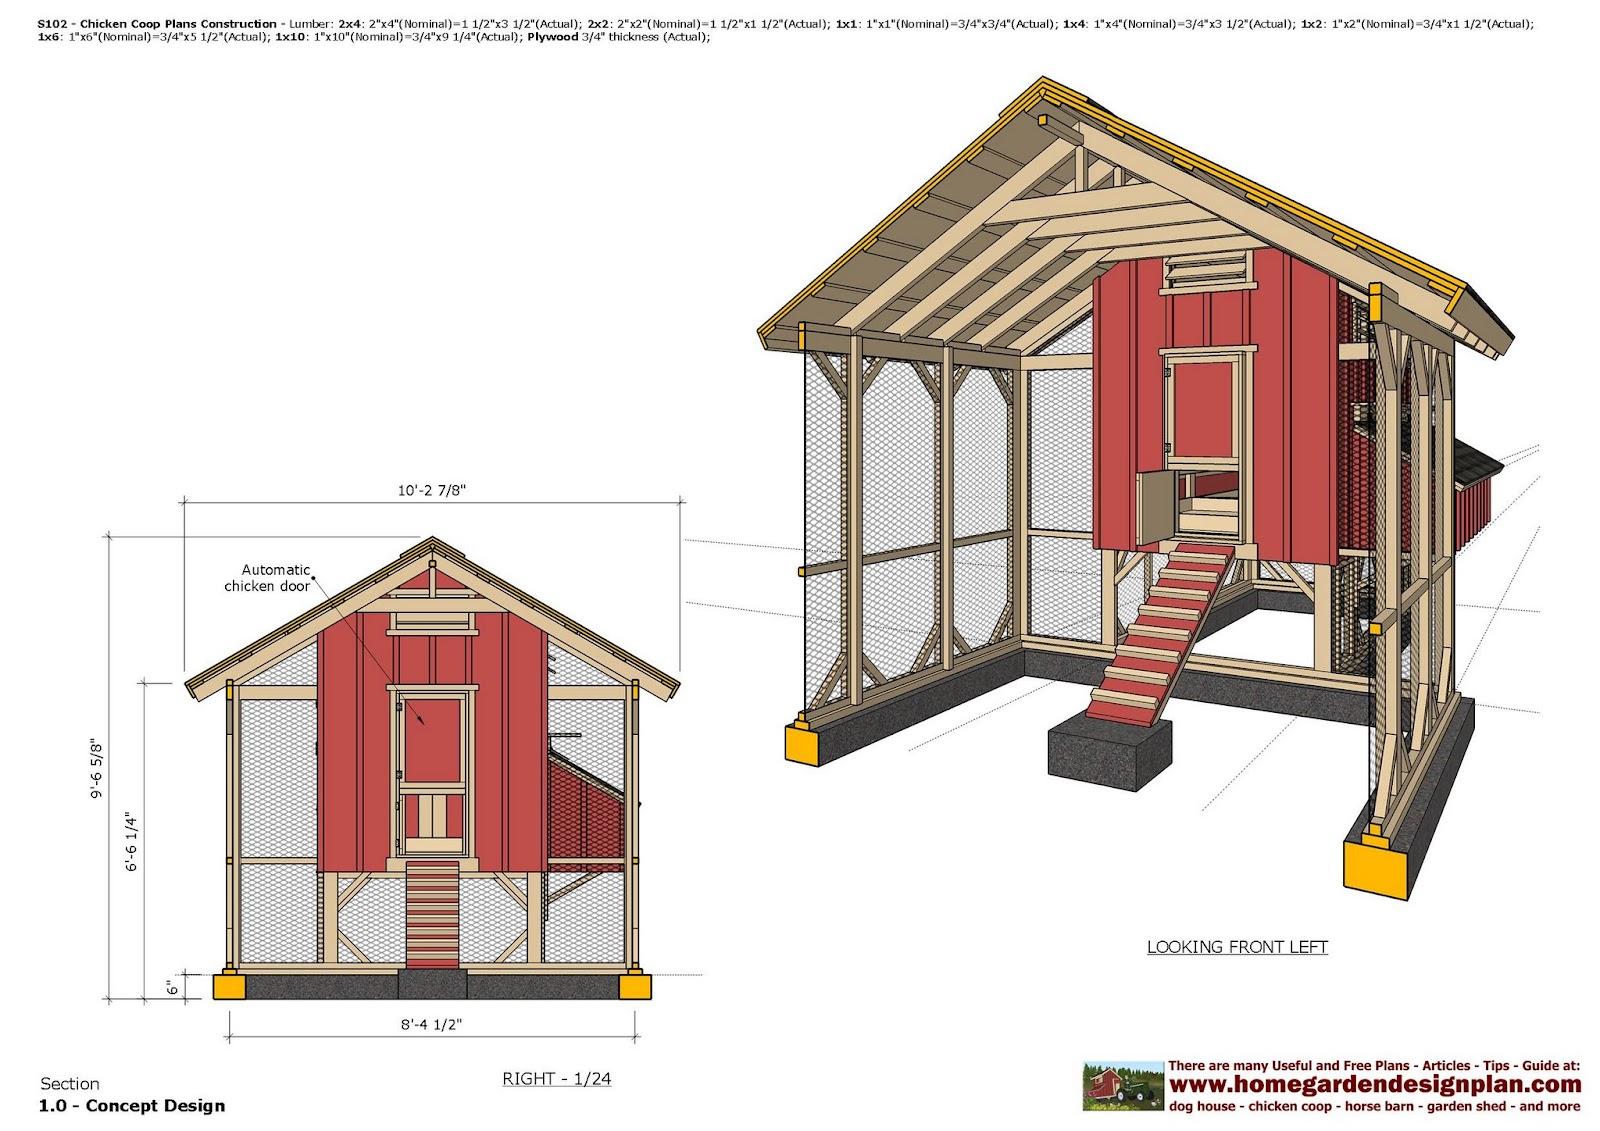 home garden plans: S102 - Chicken Coop Plans - Chicken ...